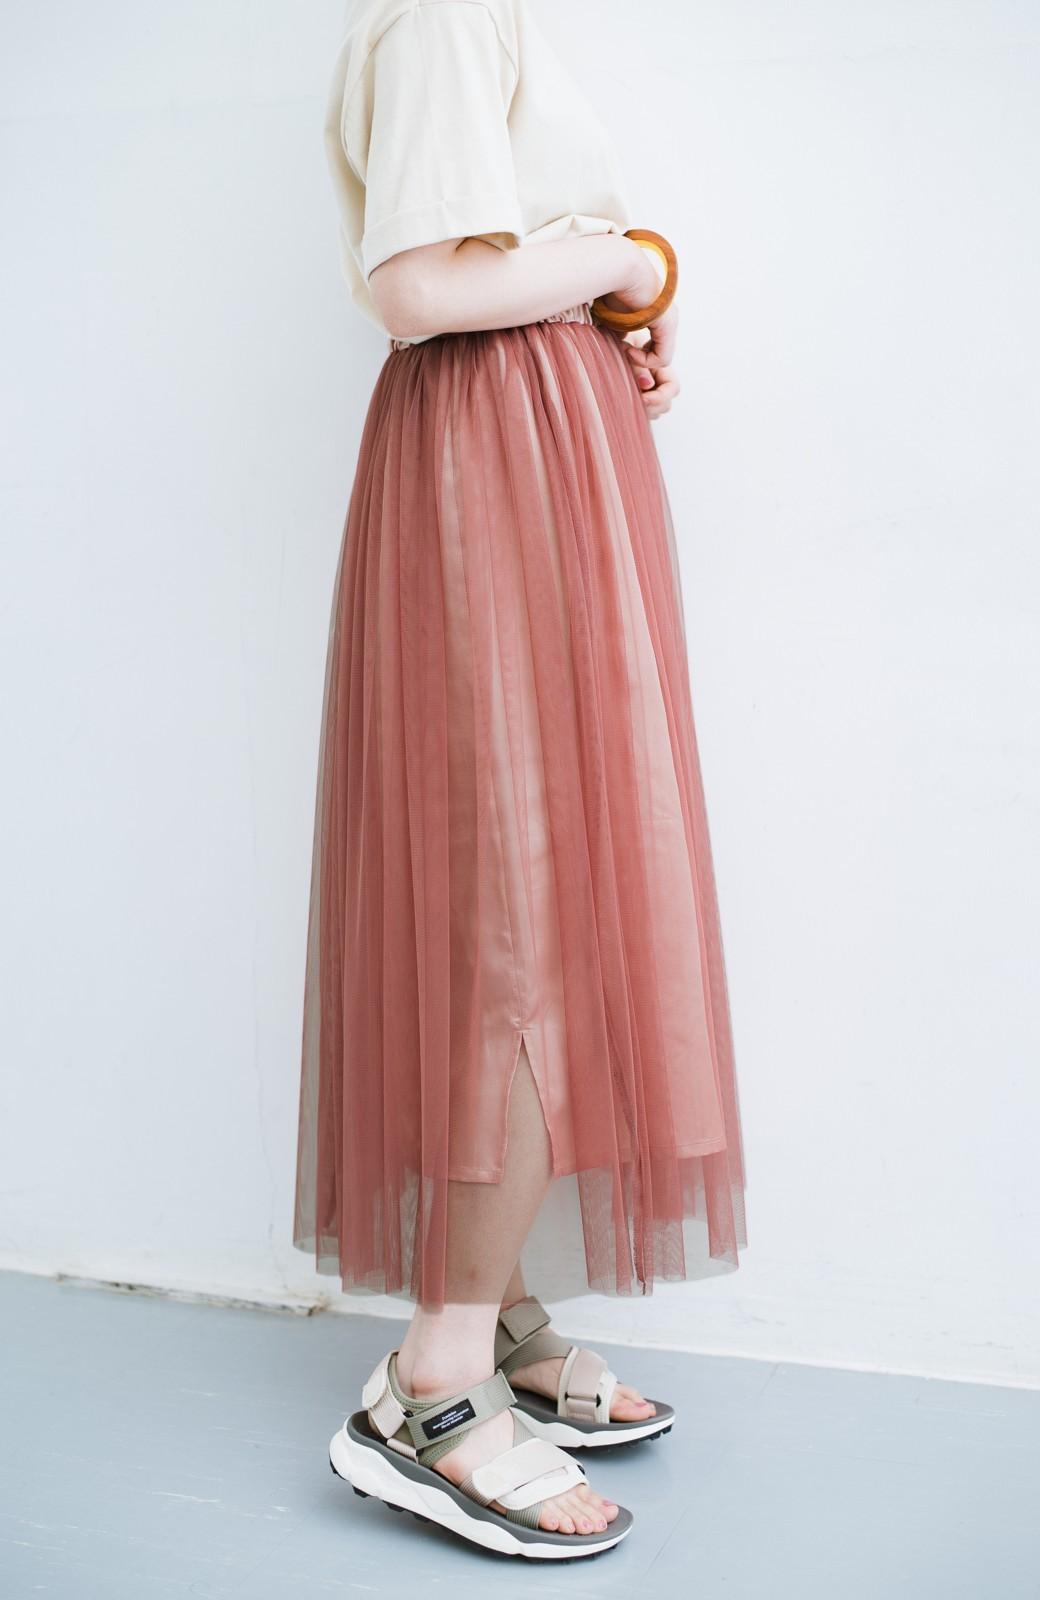 haco! 着るだけでルンとした気分になる! 長ーーい季節着られてずっと使えるオトナのためのチュールスカート <ピンク>の商品写真6